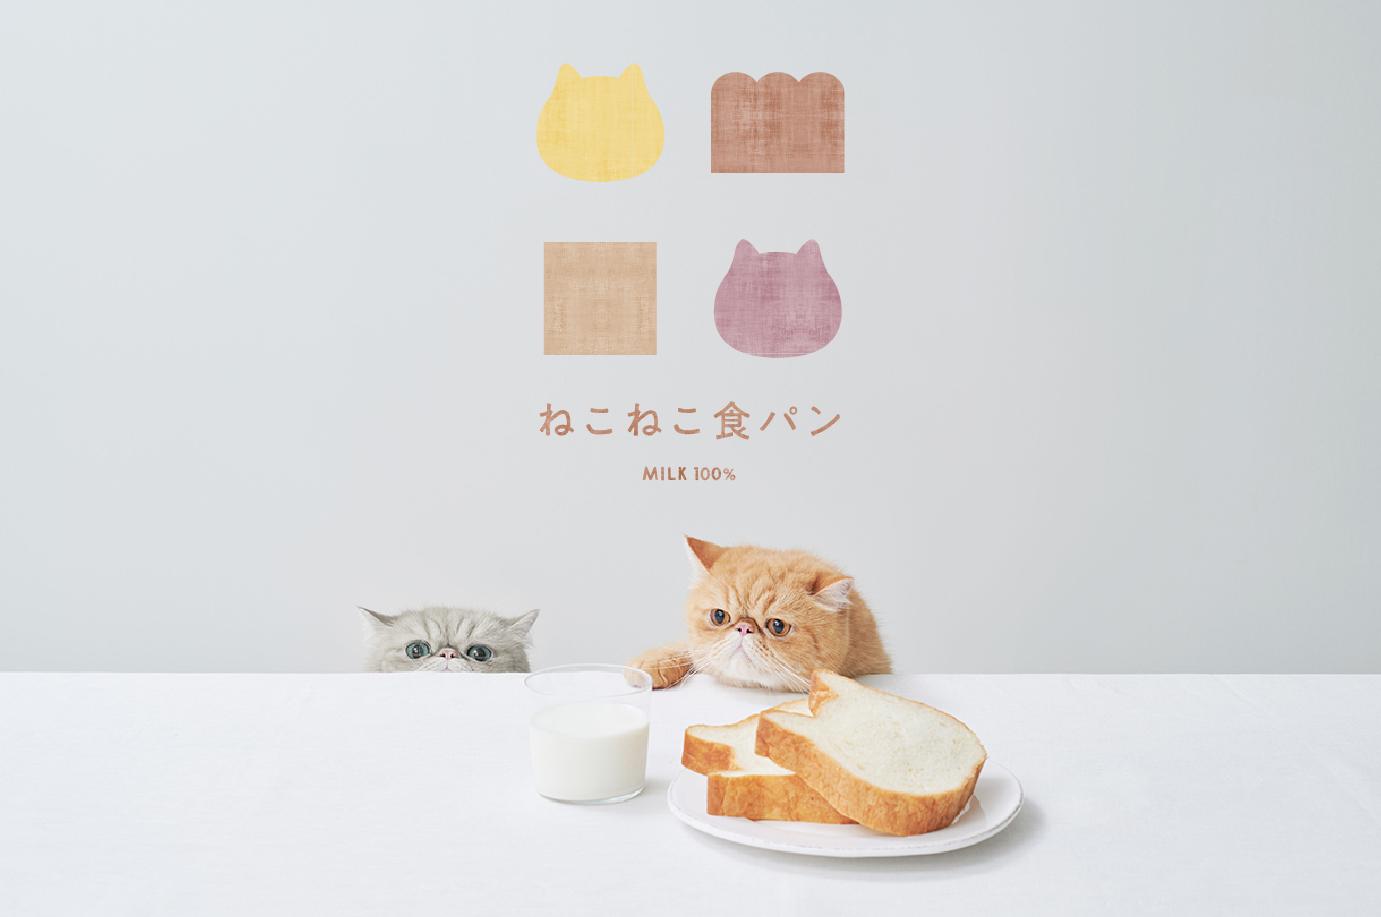 ねこの形の高級食パン専門店「ねこねこ食パン」が東京・表参道に新規オープン! 画像